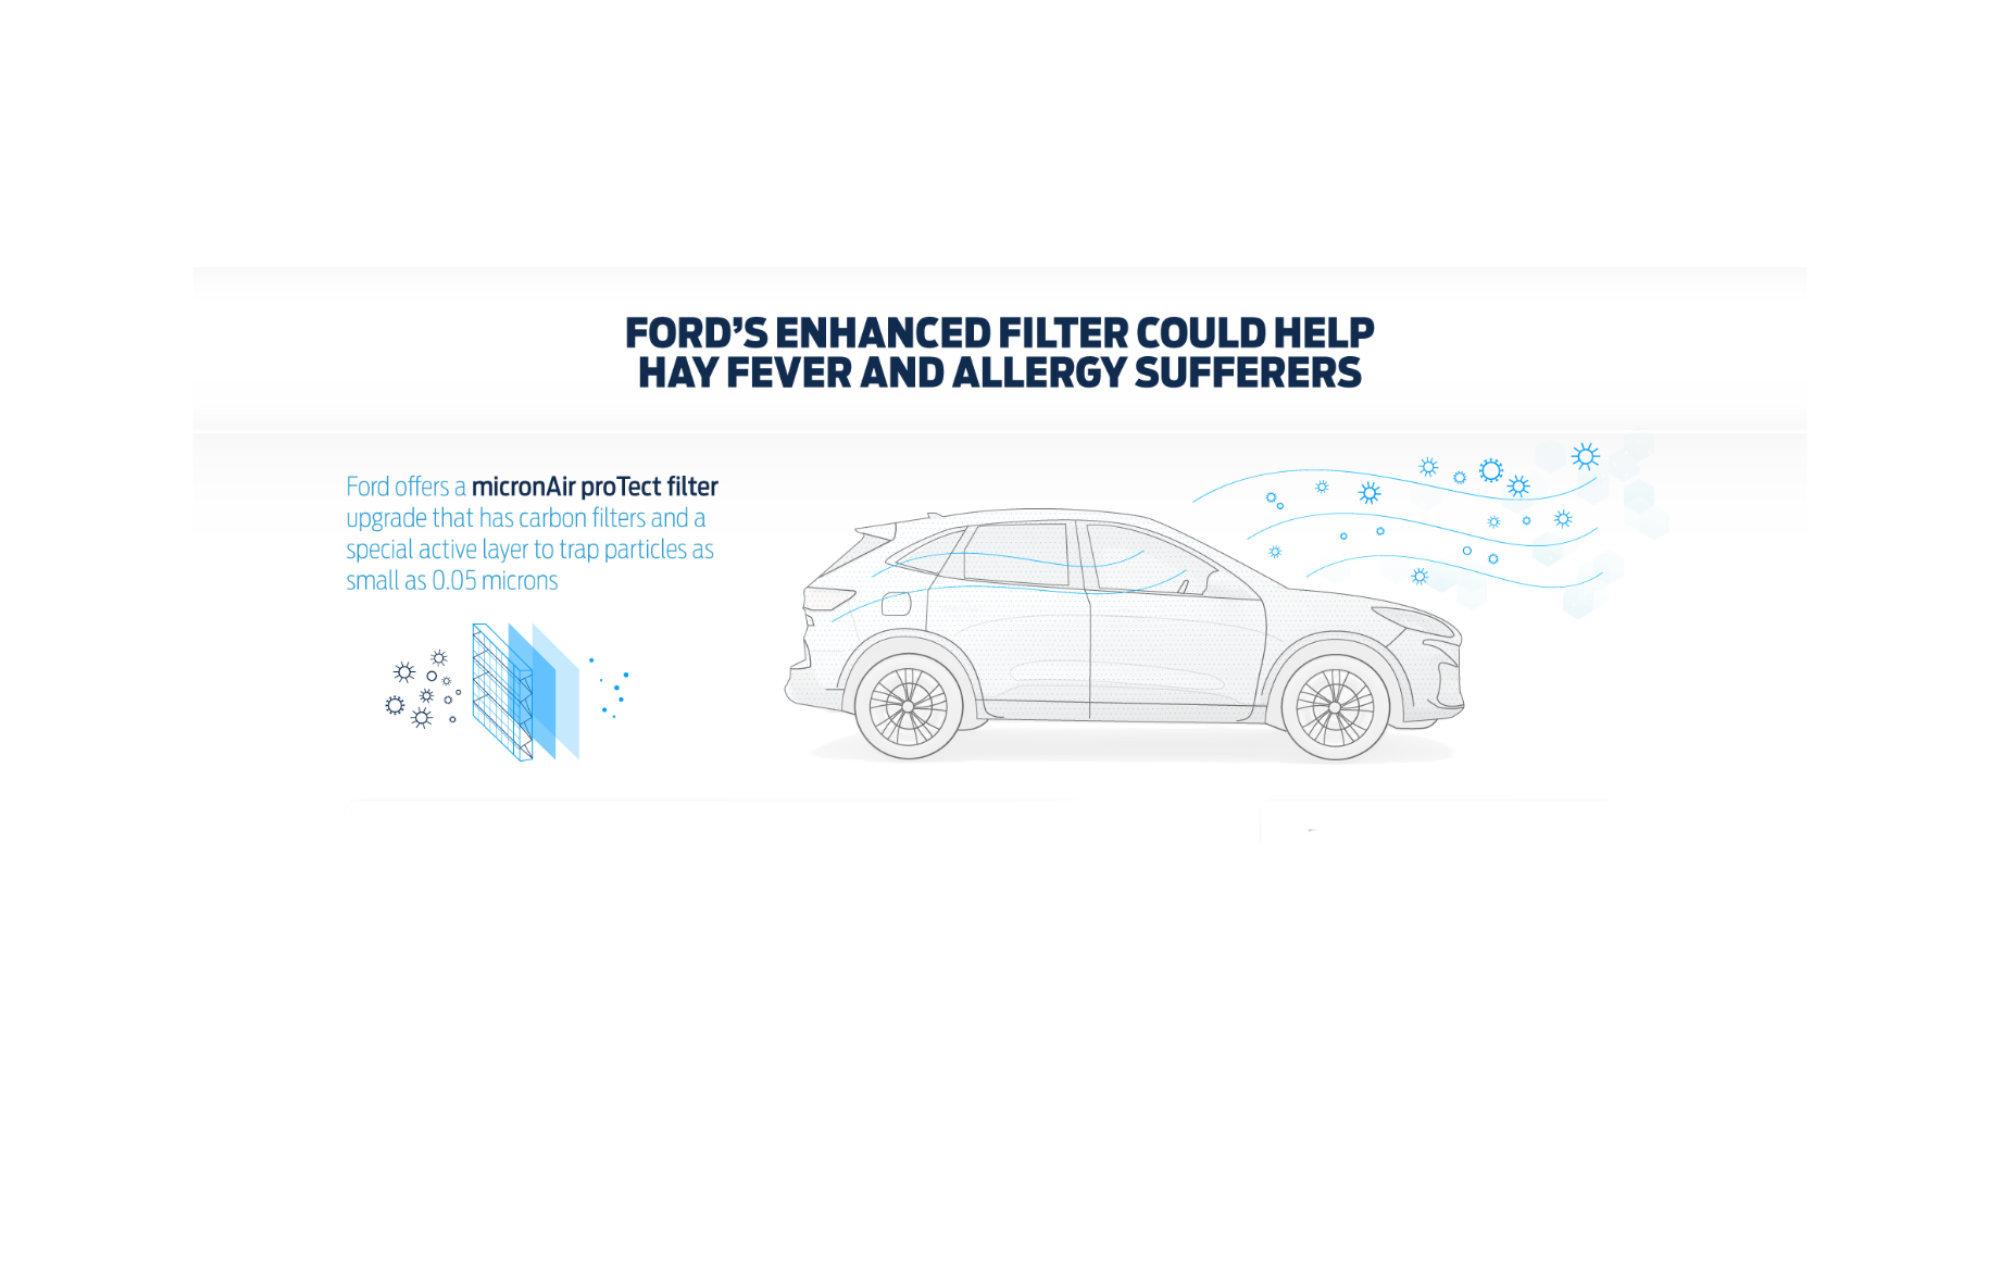 Un filtre à air Ford contre le rhume des foins, les allergies et les virus